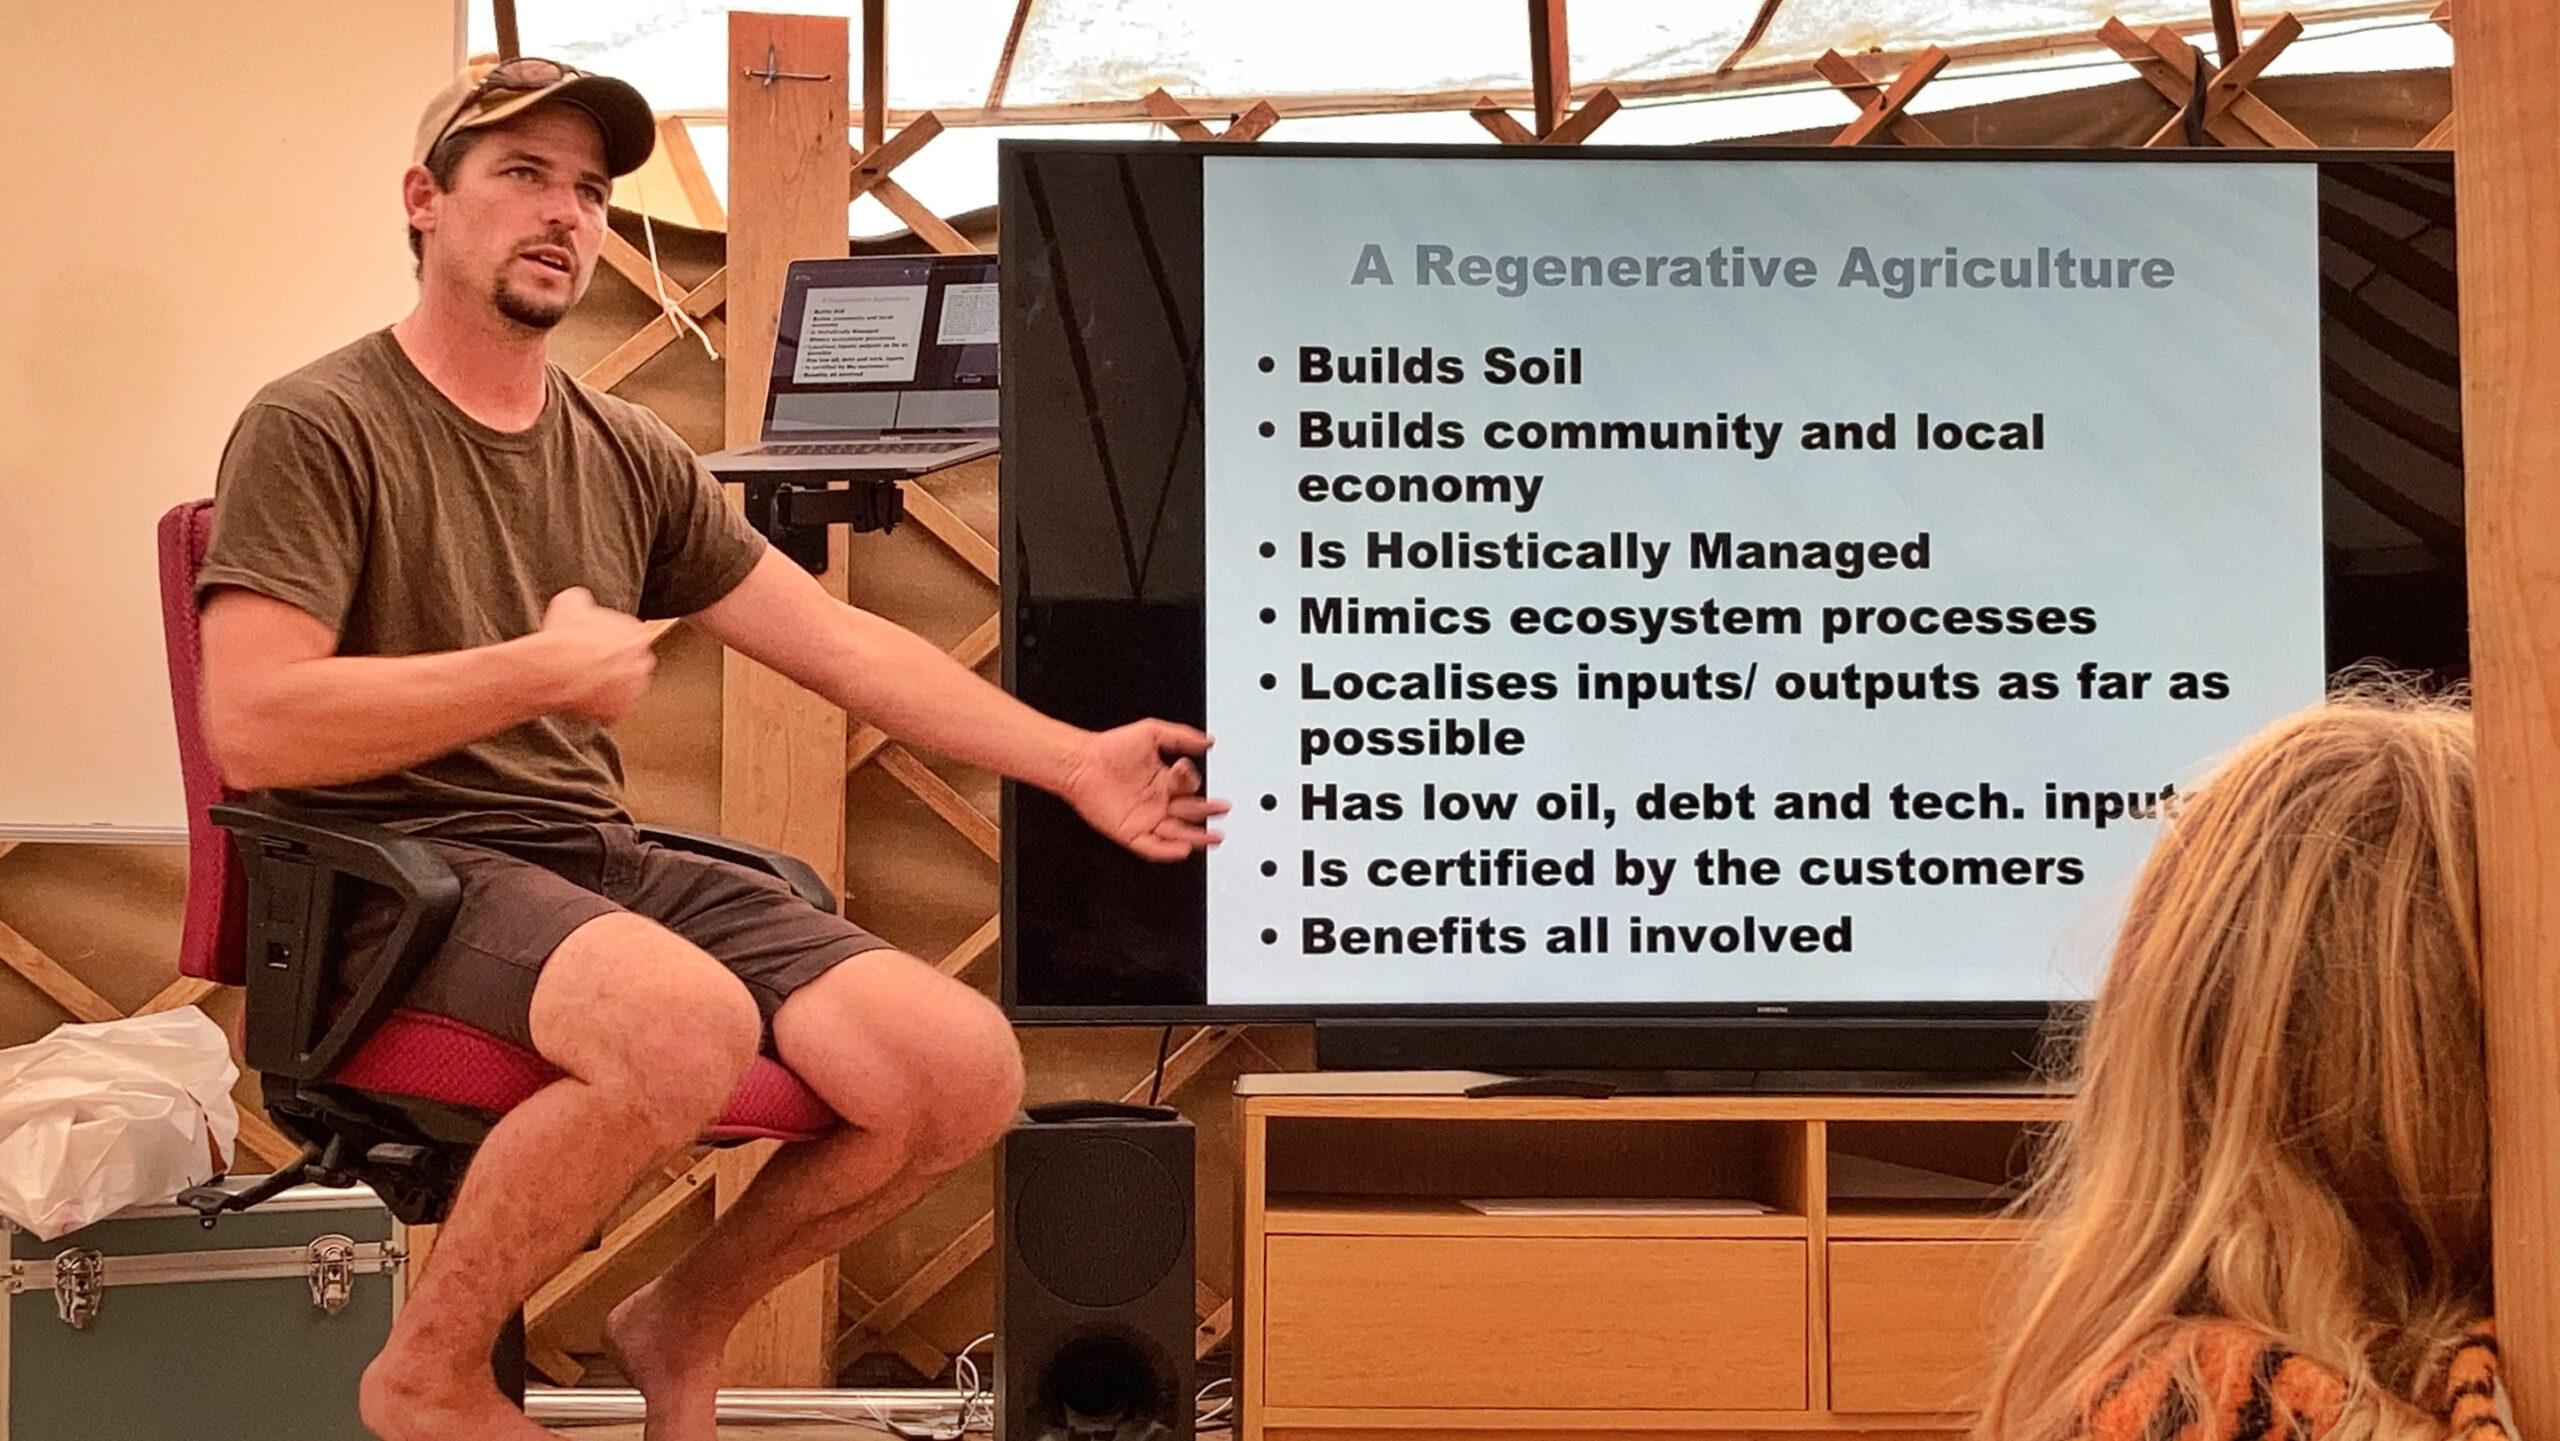 Richard Perkins berättade om sin defintition av regenerativt lantbruk